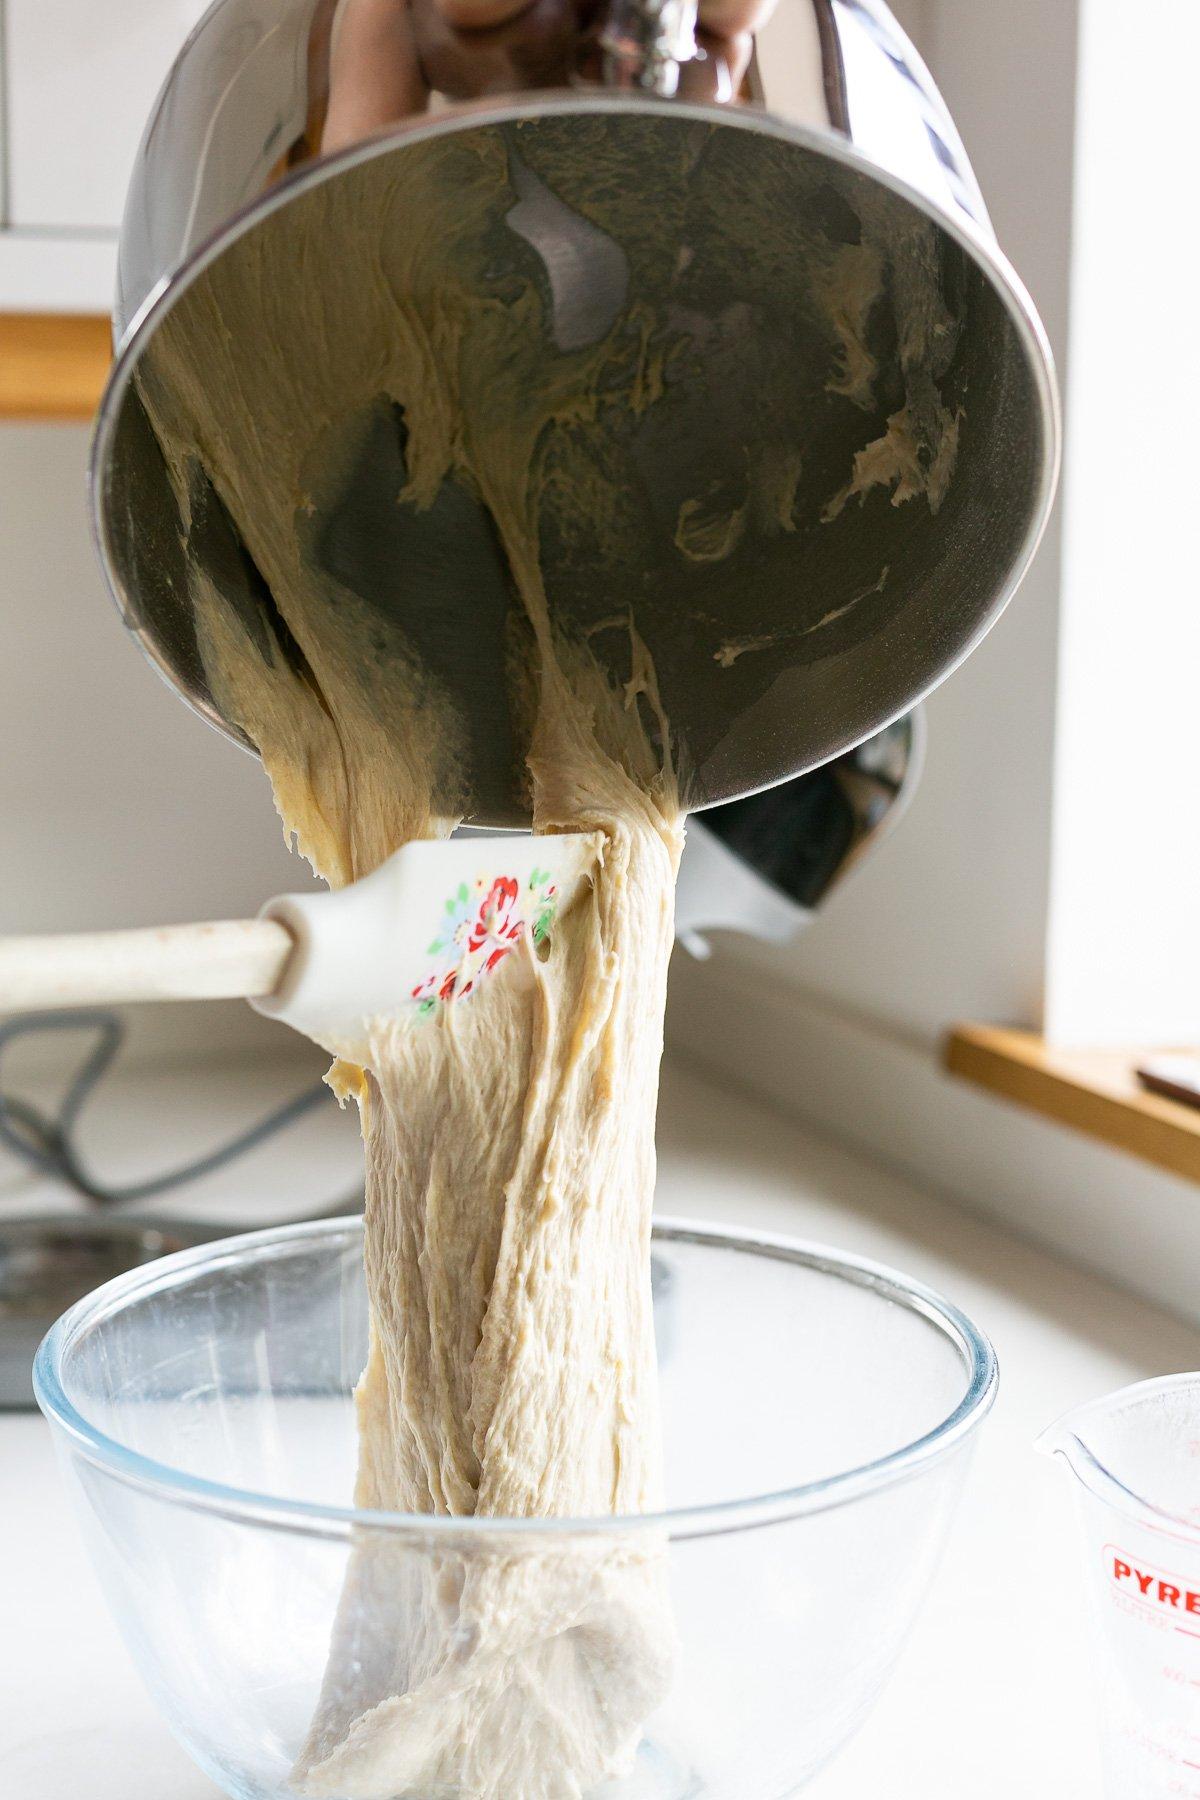 Brioche bun recipe method